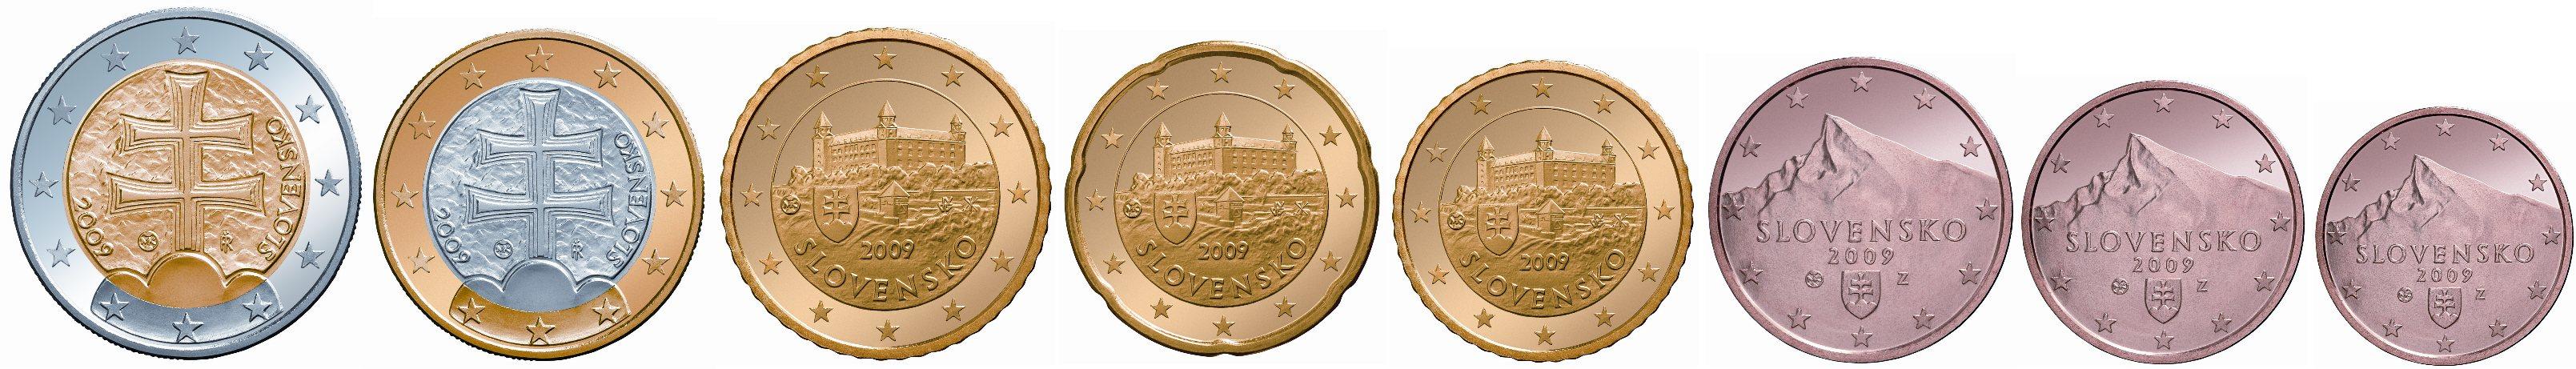 Euro Einführung In Der Slowakei Slowakische Euromünzen